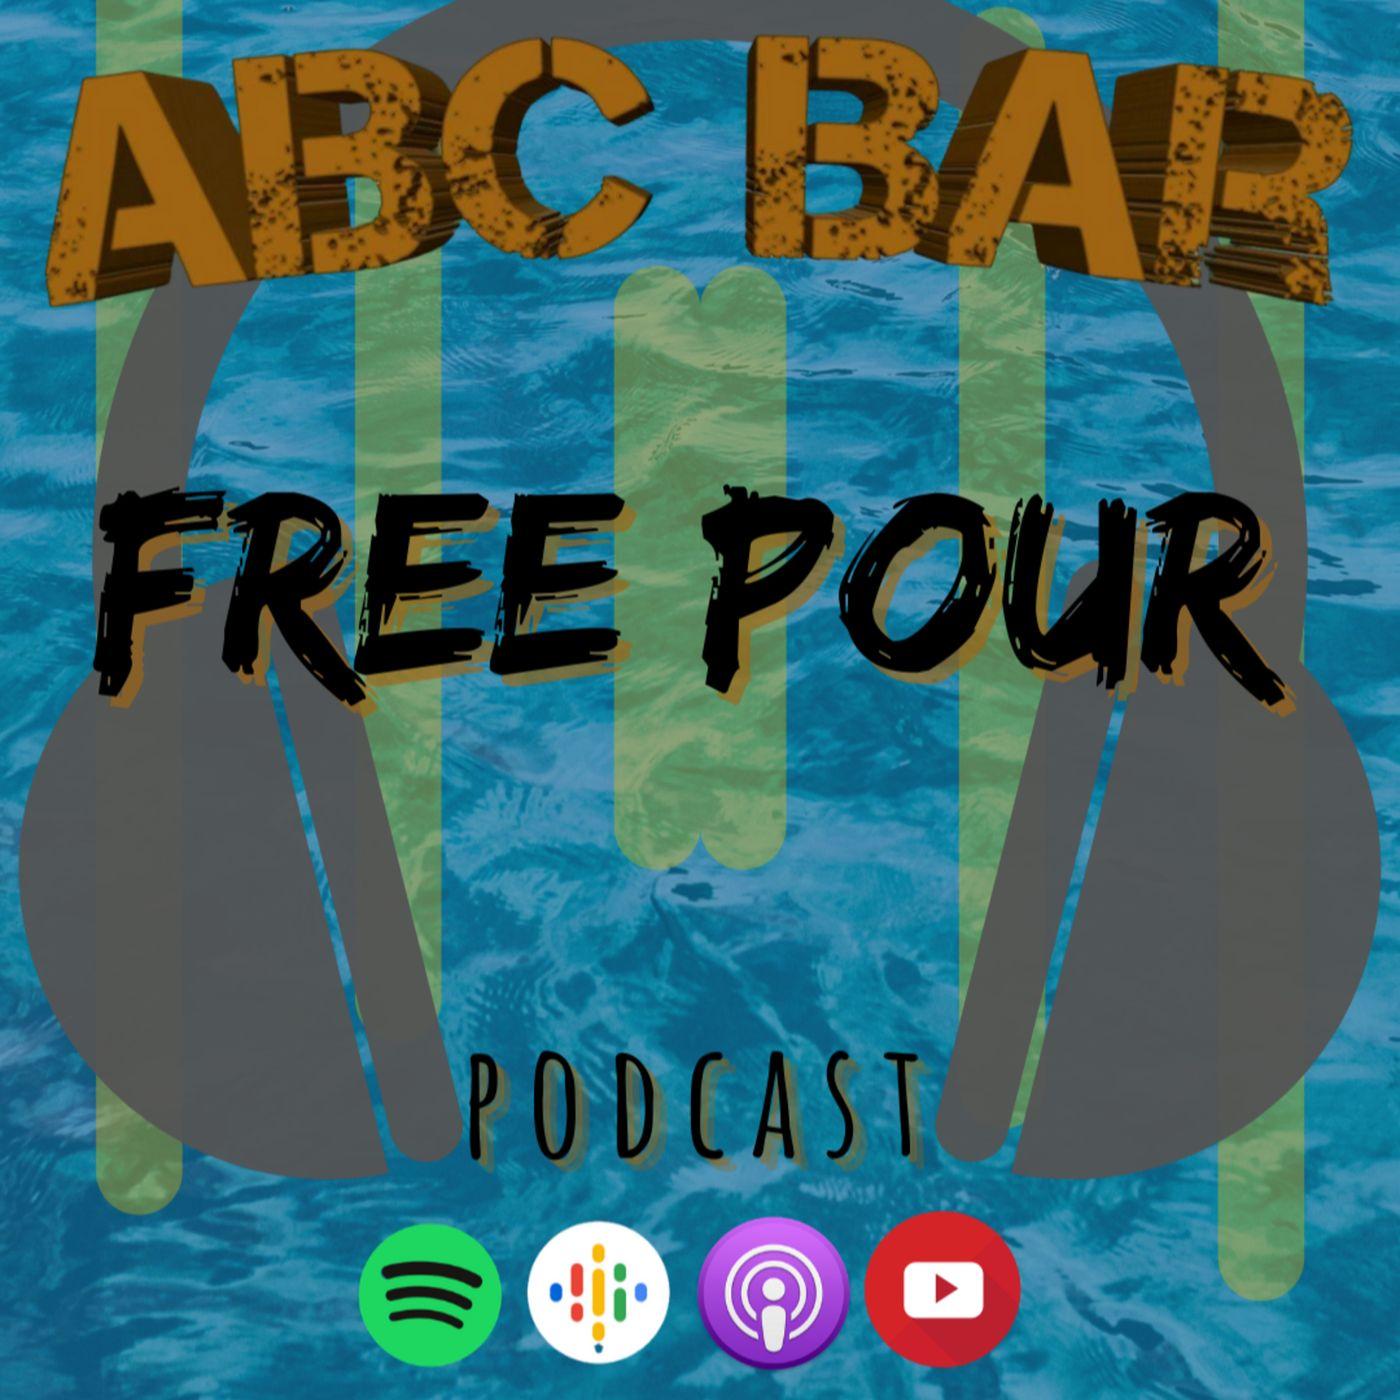 QUÉ es el FREE POURING | ABC Bar